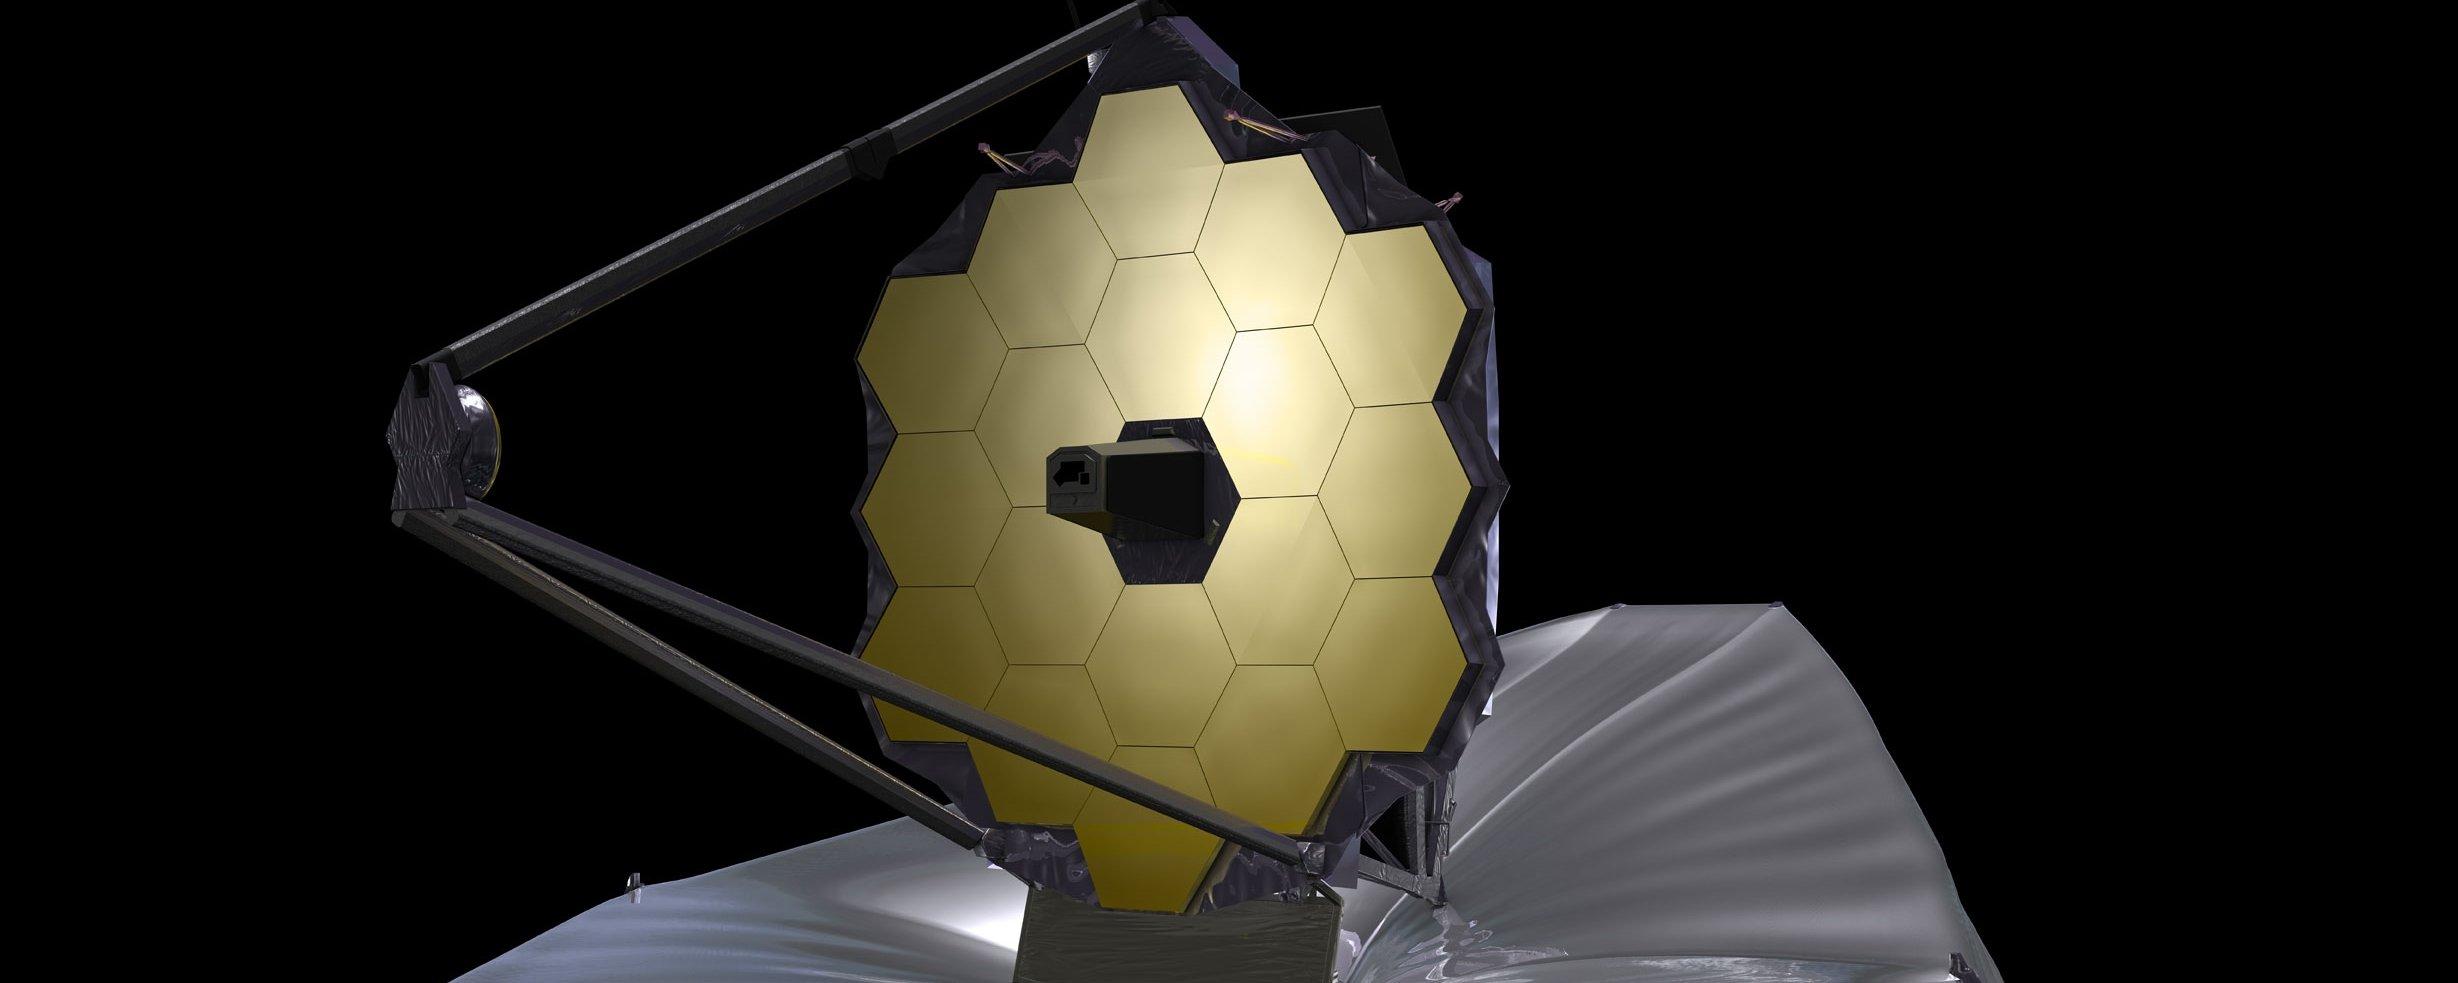 Lançamento do telescópio espacial James Webb é adiado para 2021